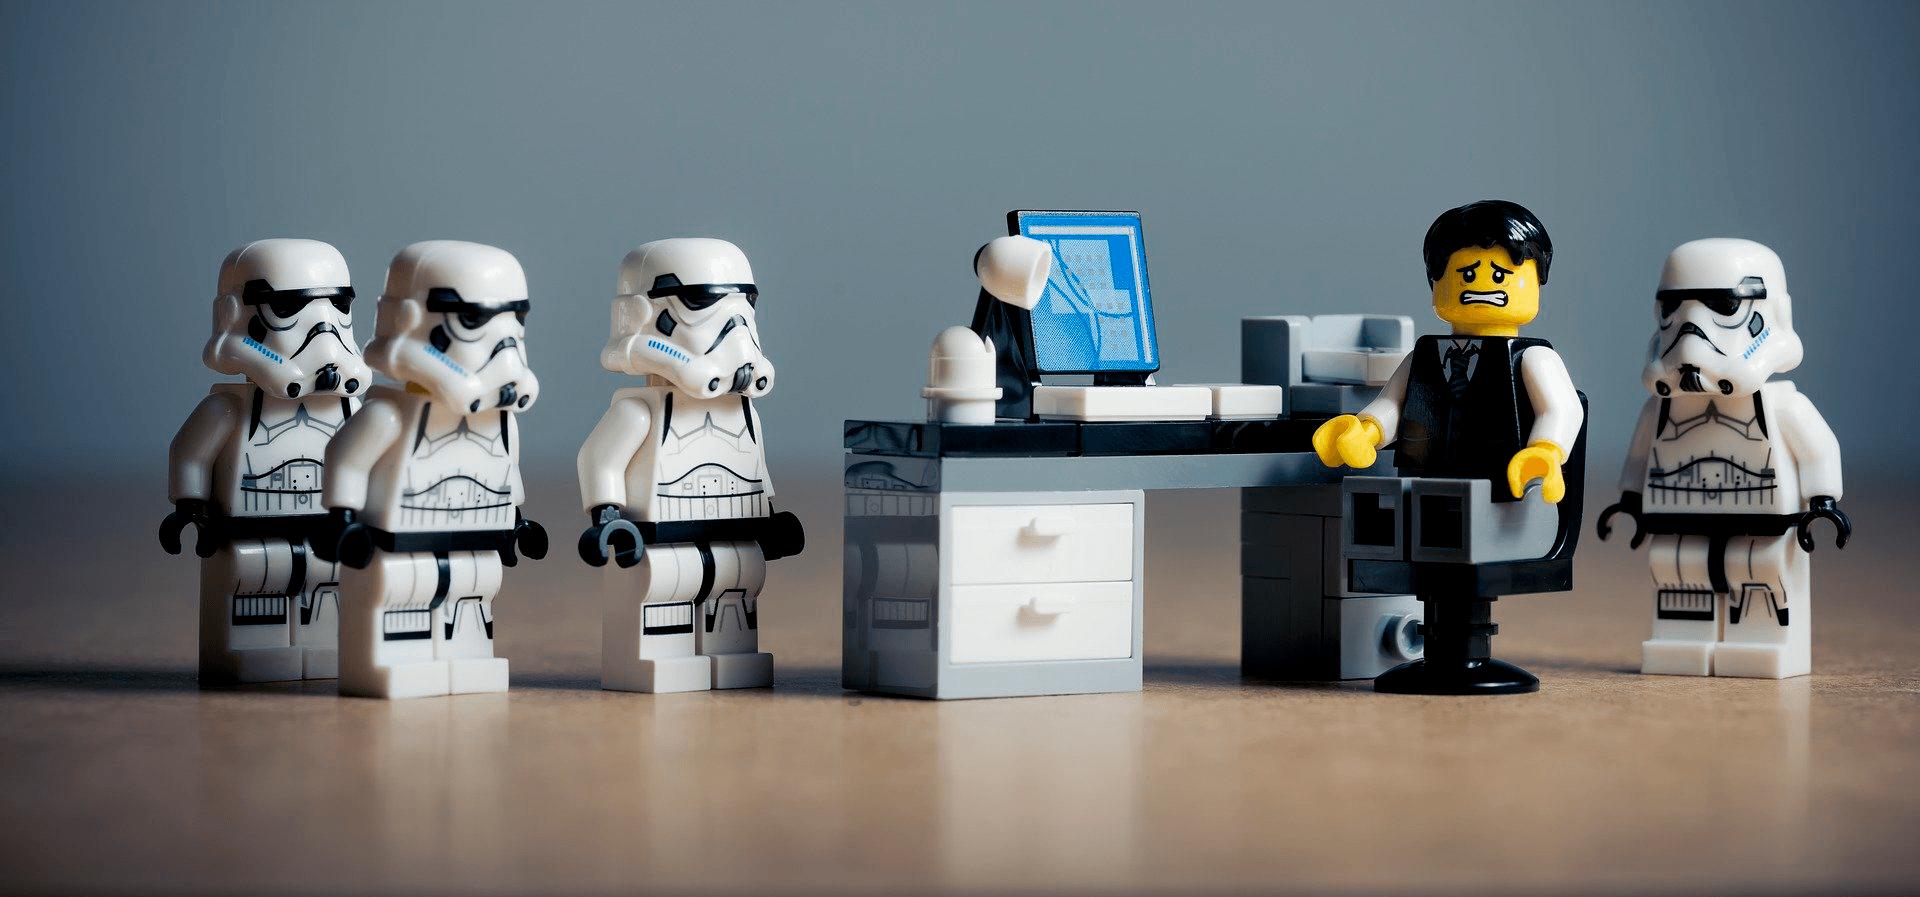 Por que escolher entre trabalho e diversão se você pode ter os dois?